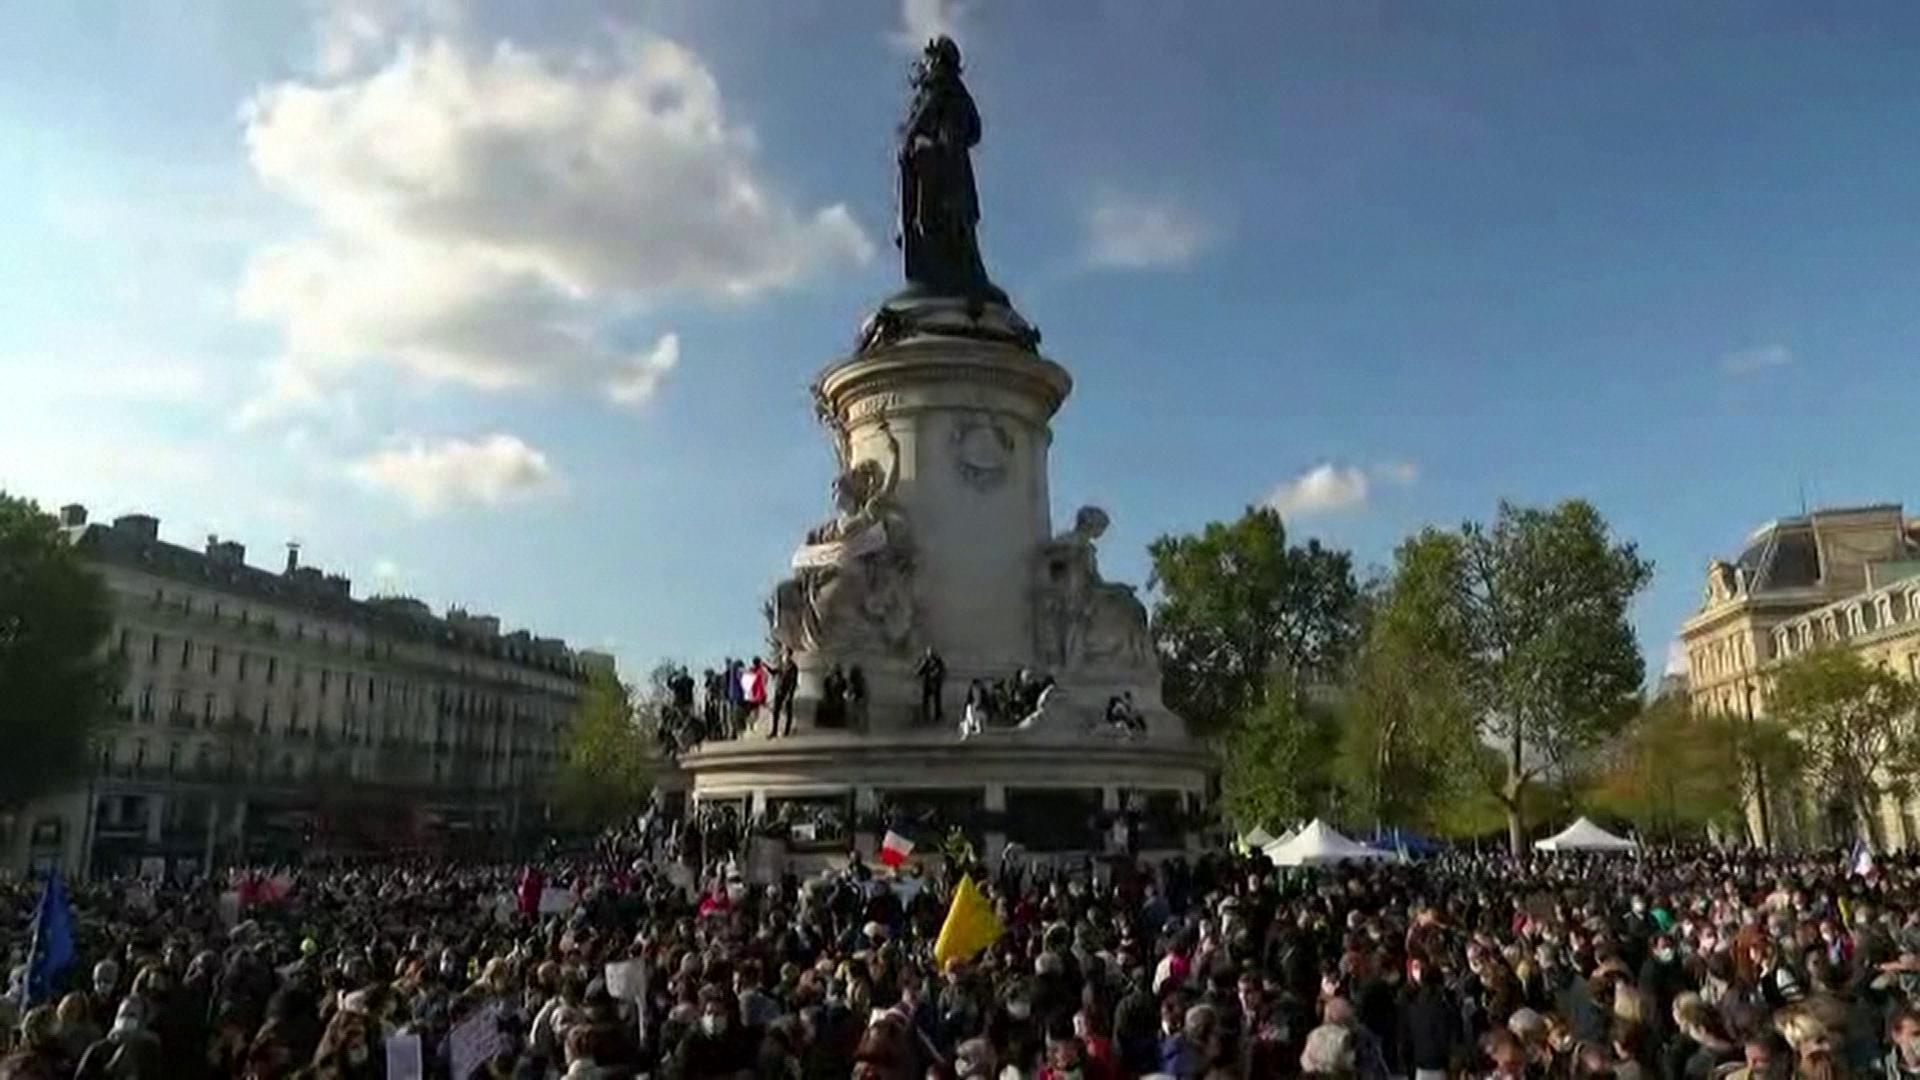 Milhares foram às ruas da França defender a liberdade de expressão